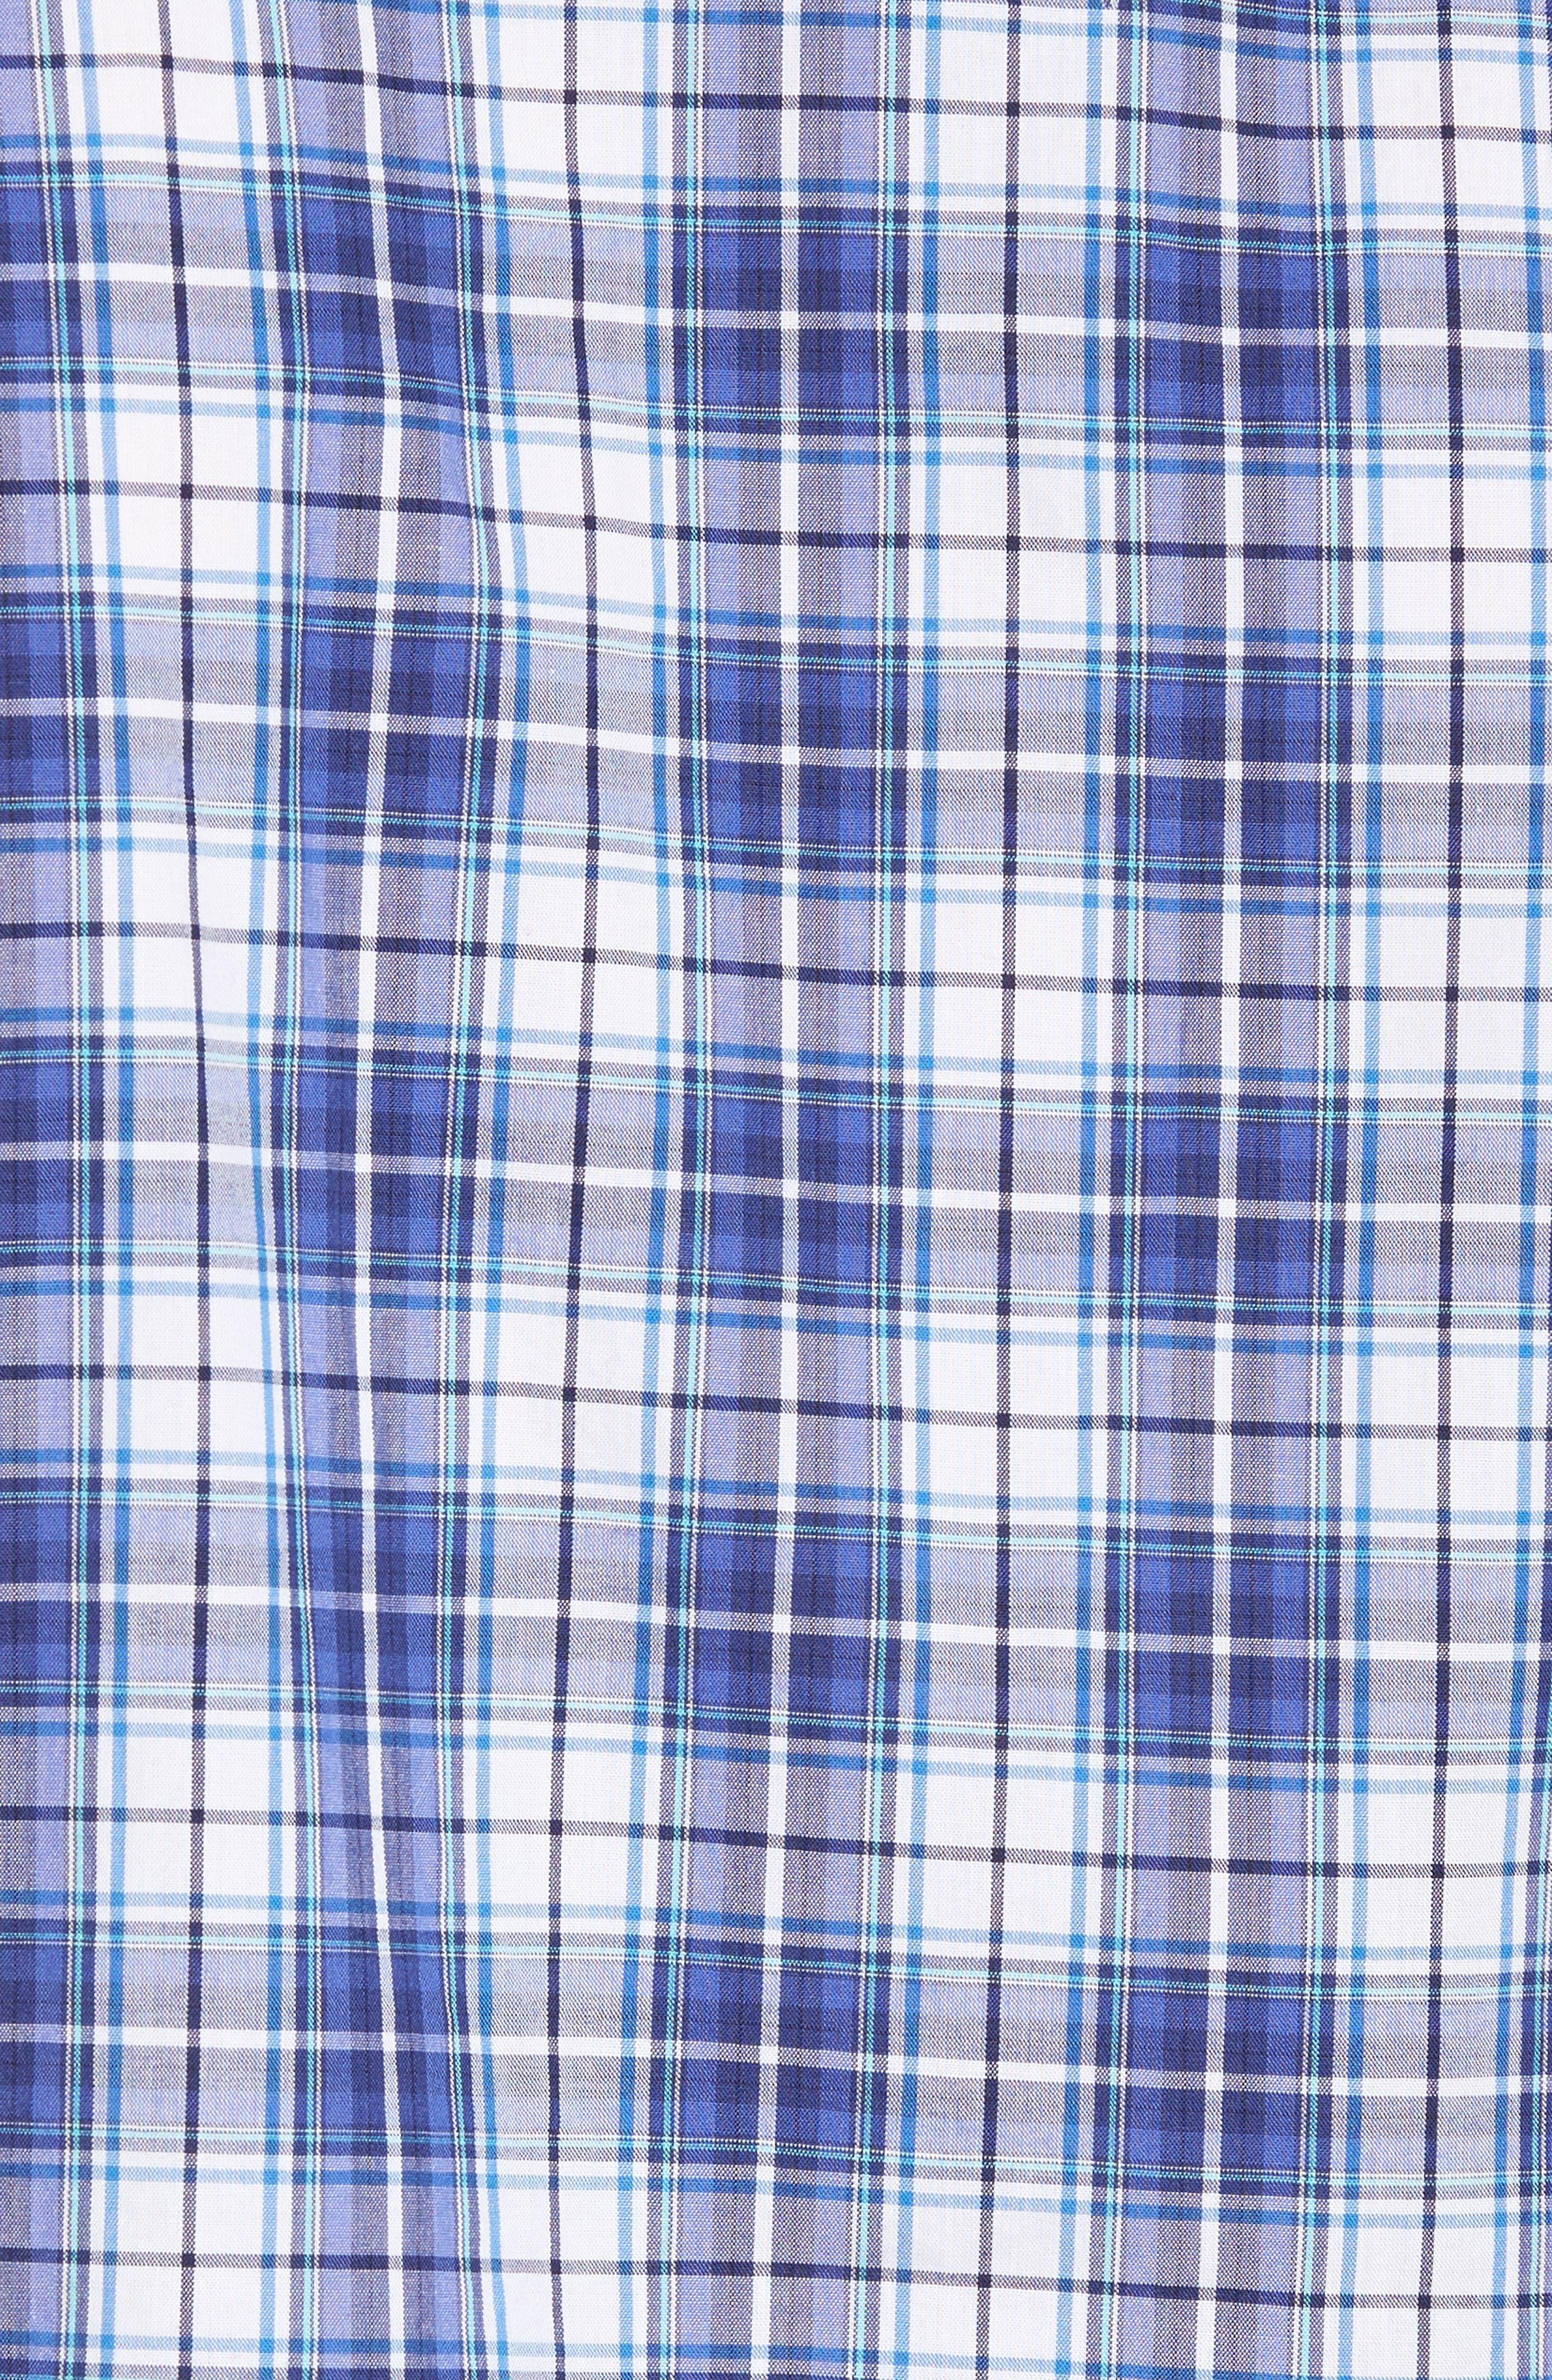 Leo Trim Fit Plaid Sport Shirt,                             Alternate thumbnail 5, color,                             420